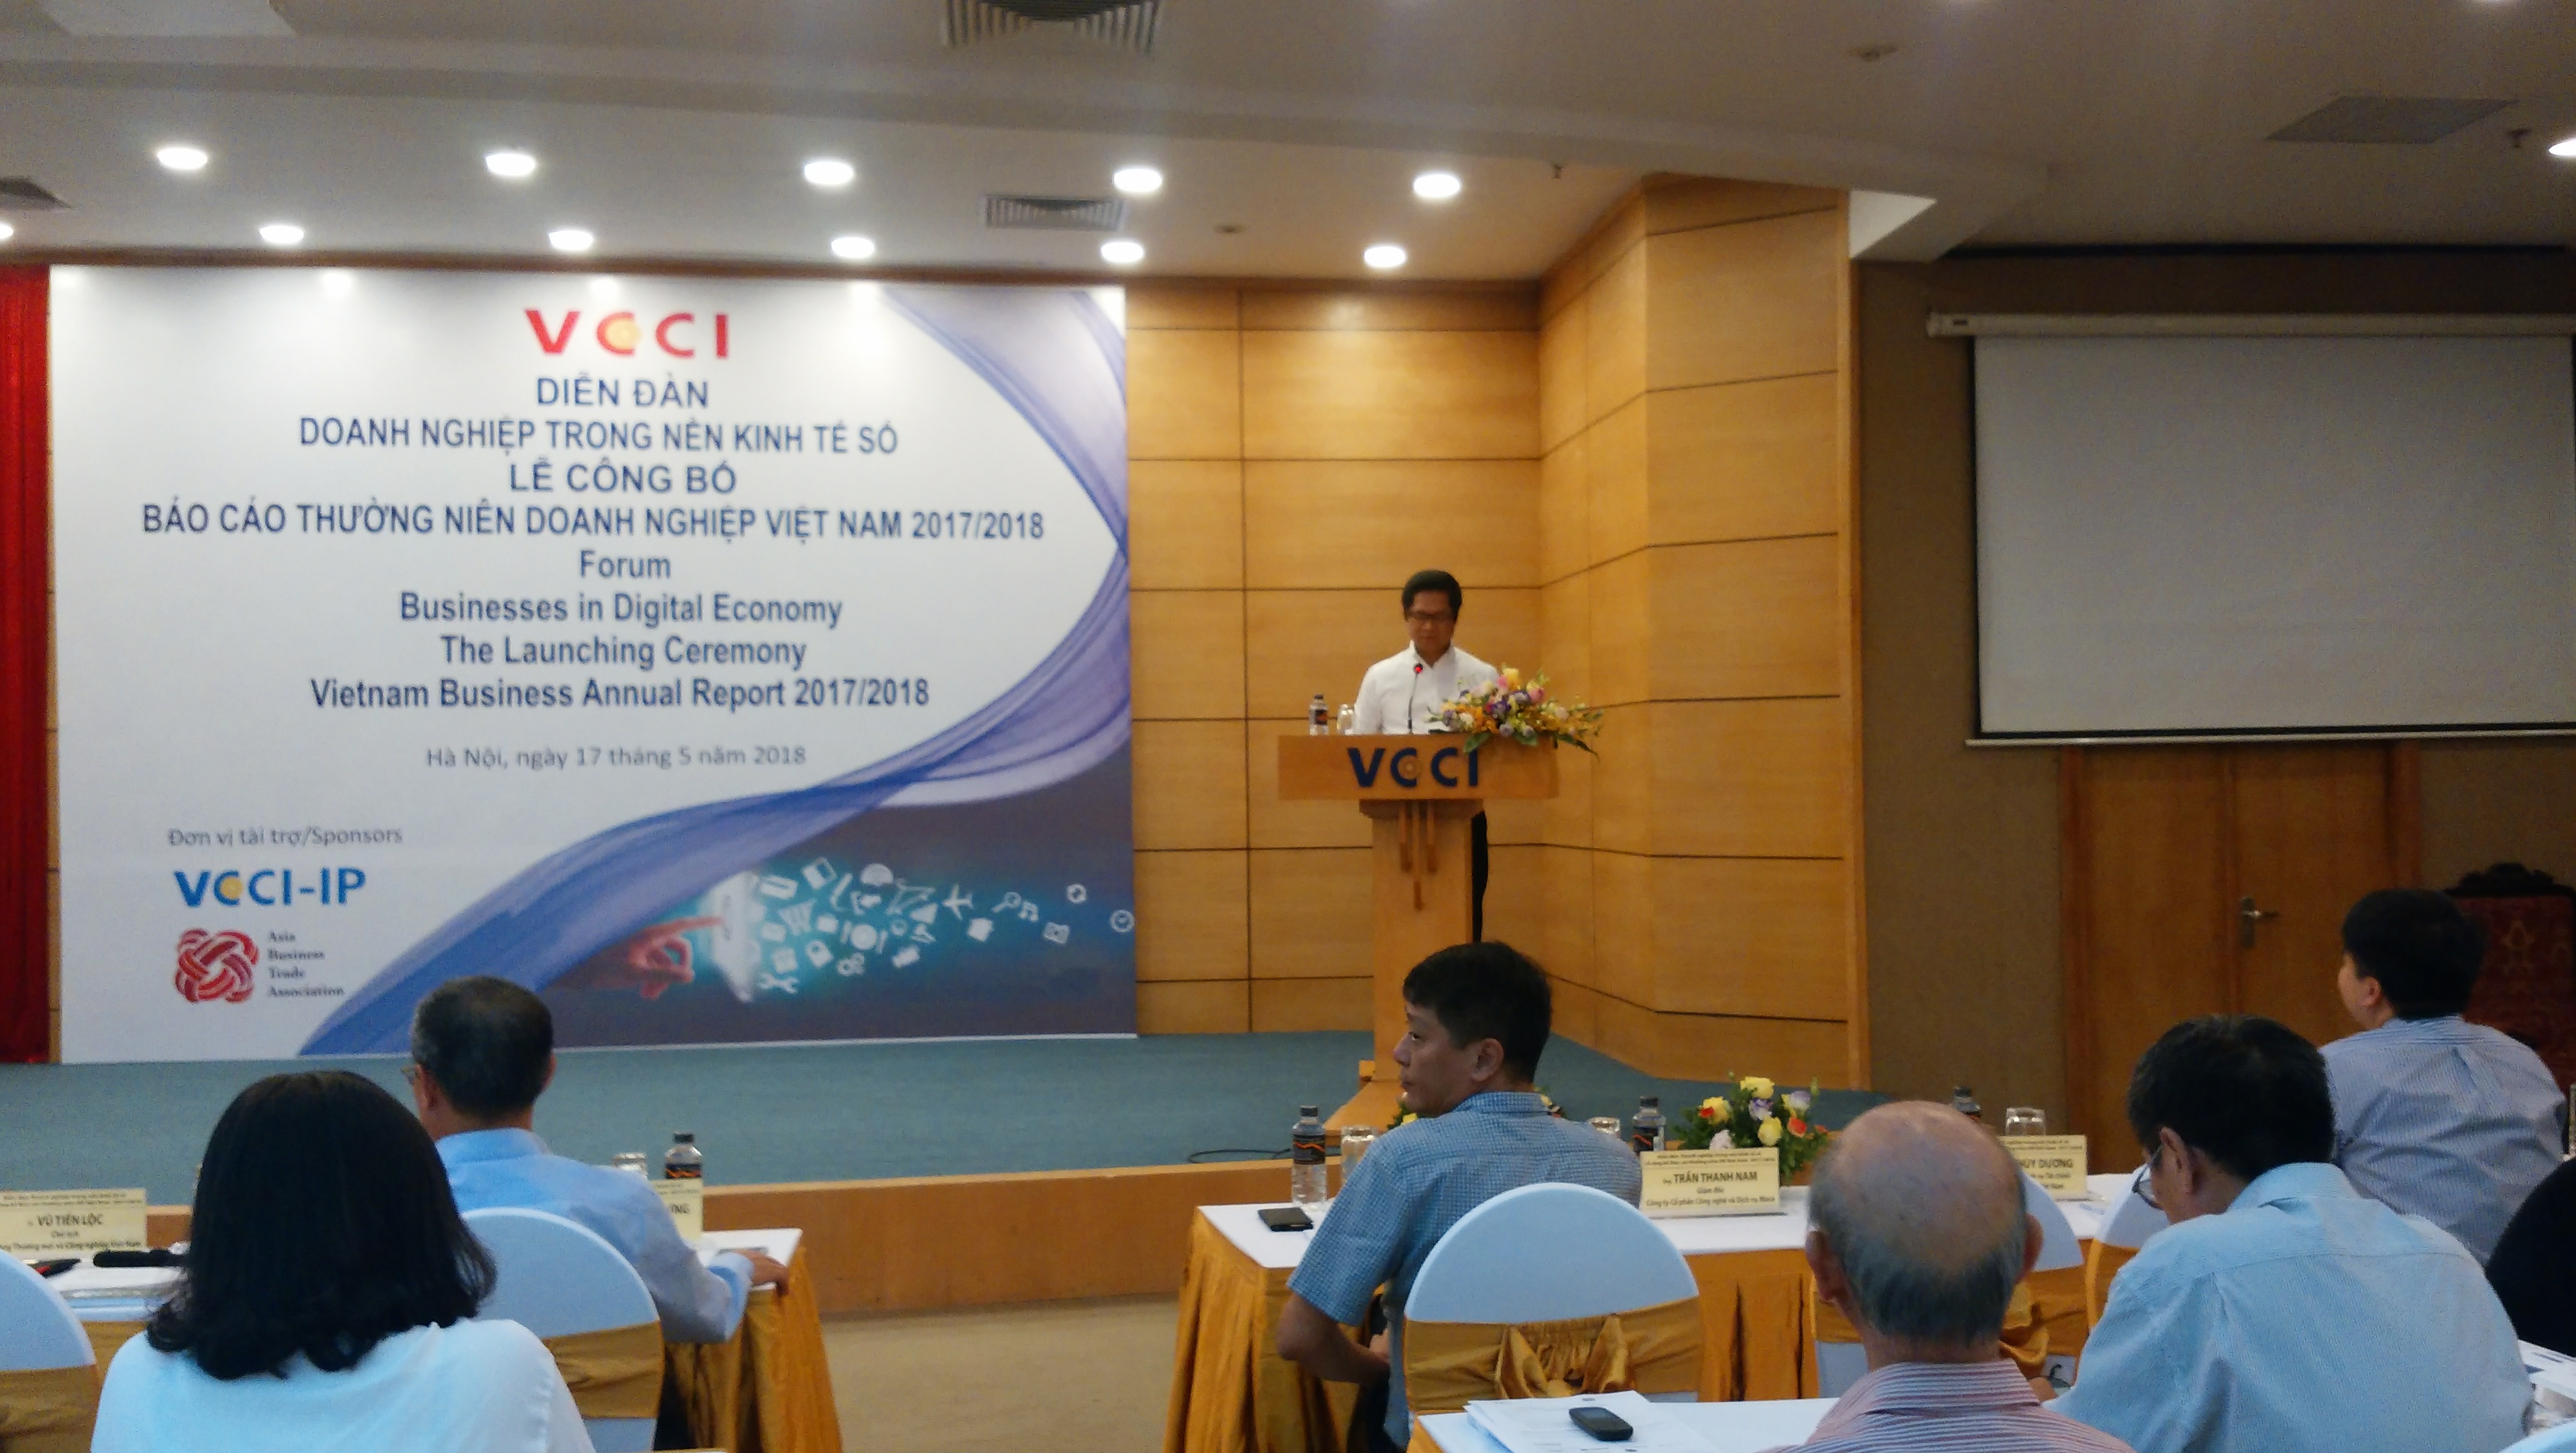 TS Vũ Tiến Lộc trình bày tham luận tại Diễn đàn. Ảnh: Thế Hải